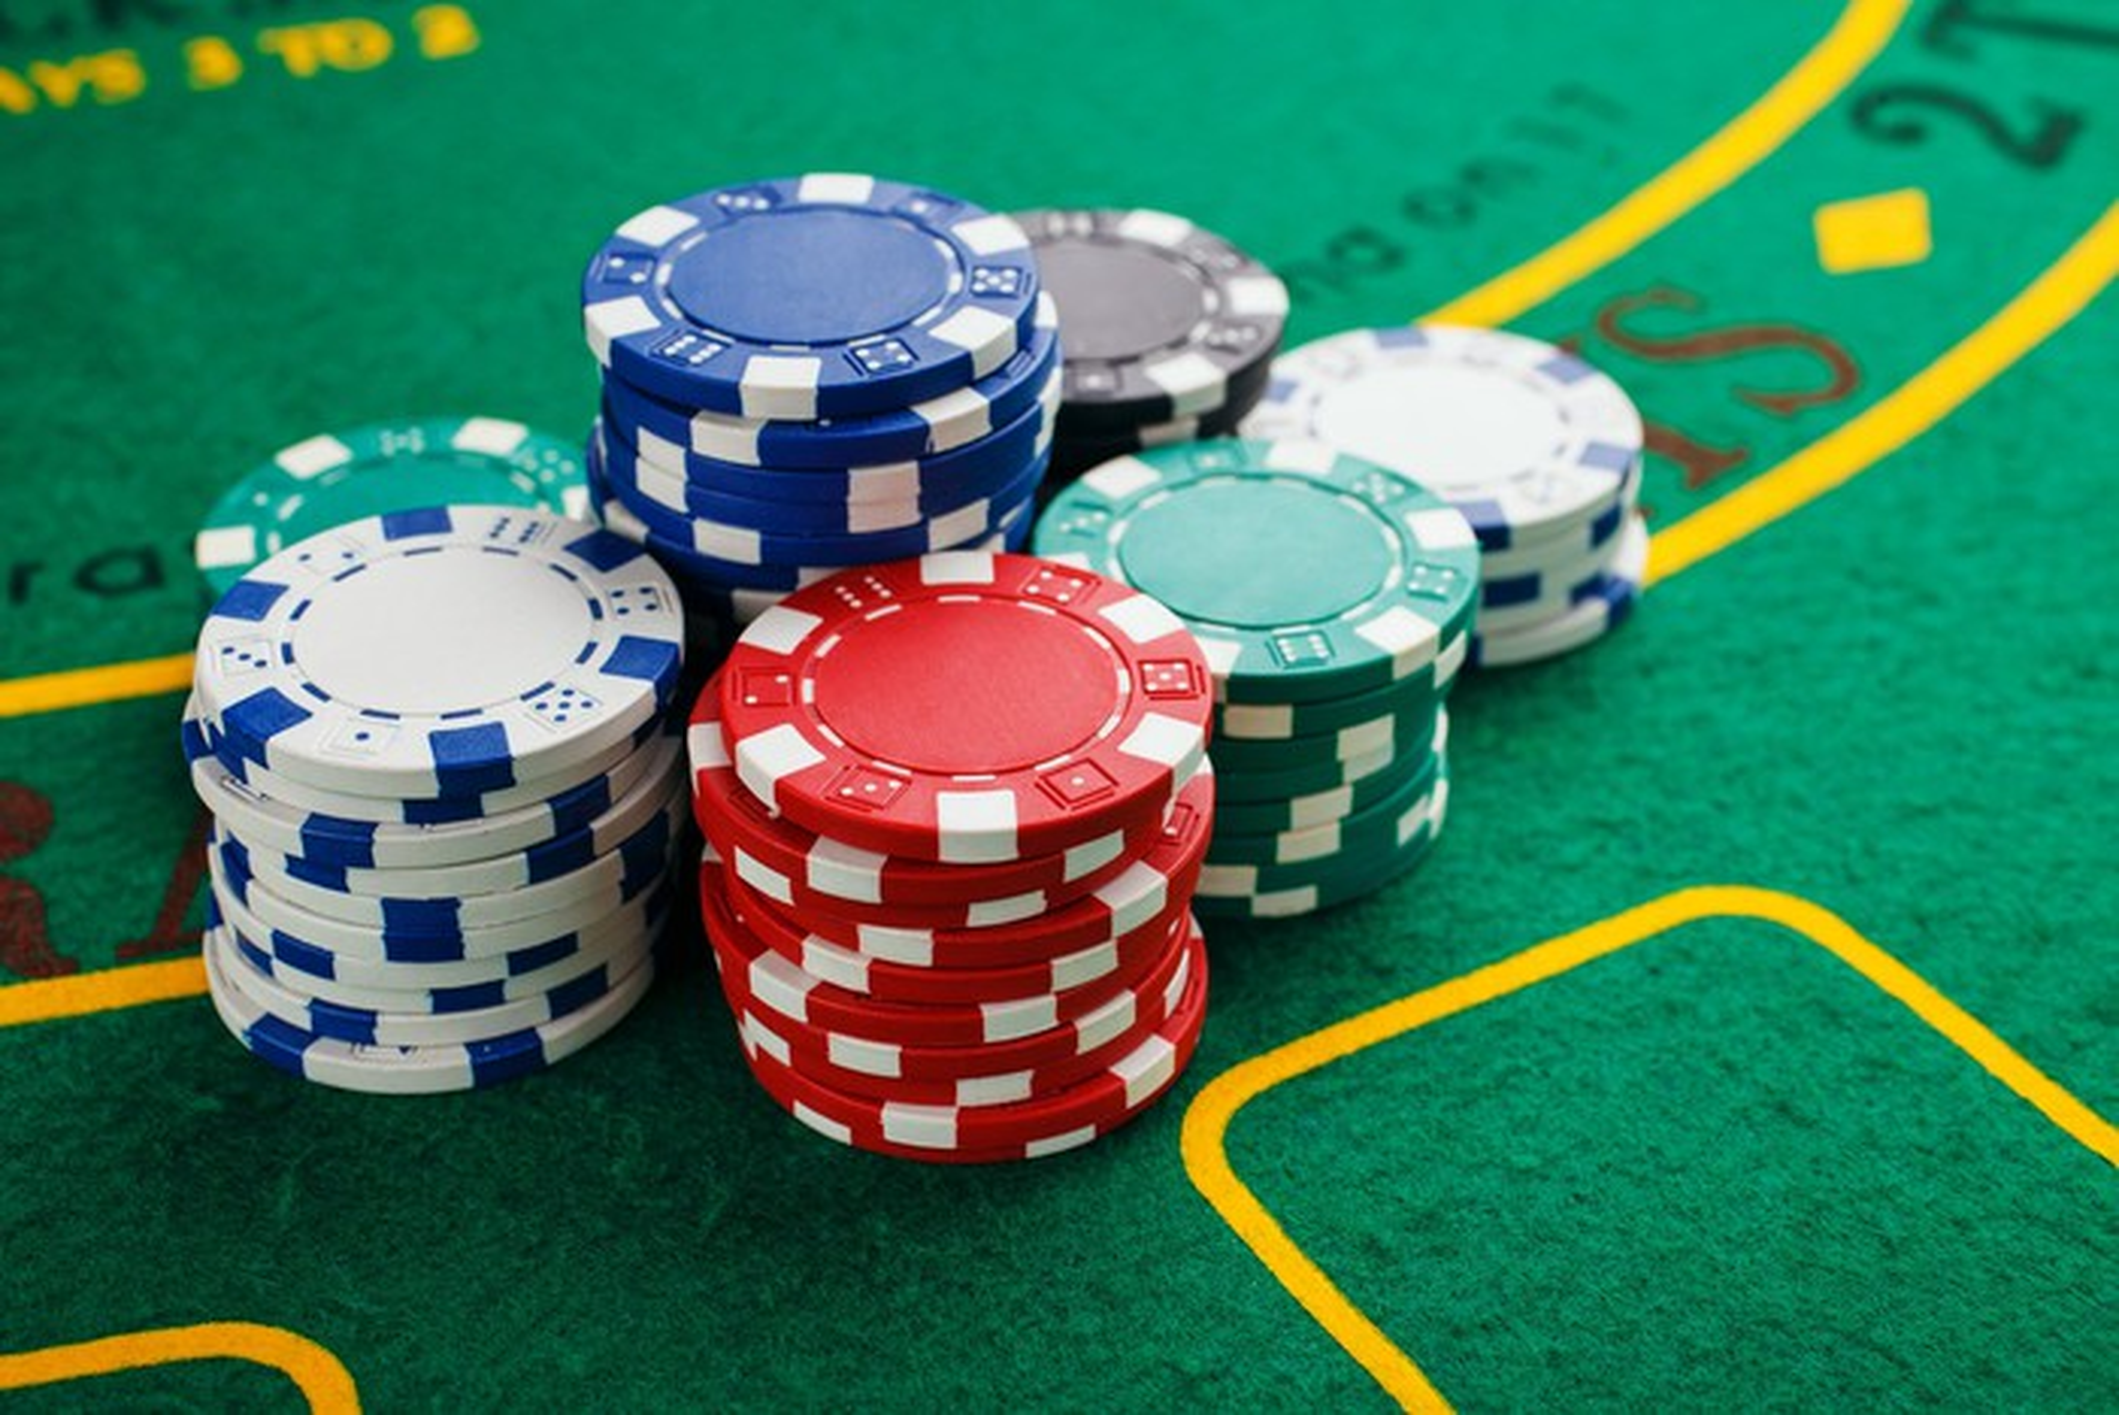 Stacks of poker chips on green felt table